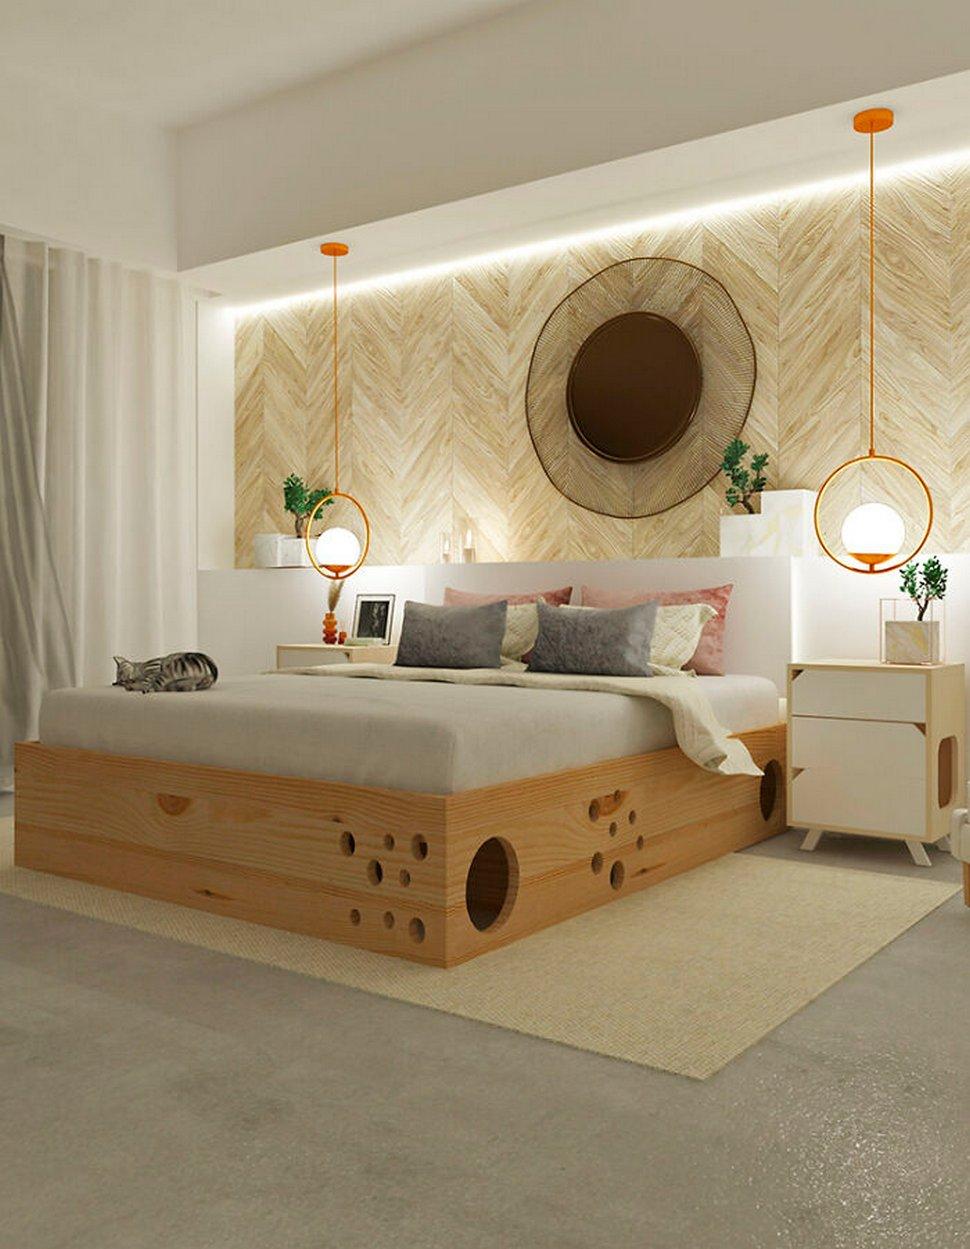 Des concepteurs ont créé ce lit génial pour les propriétaires de chats